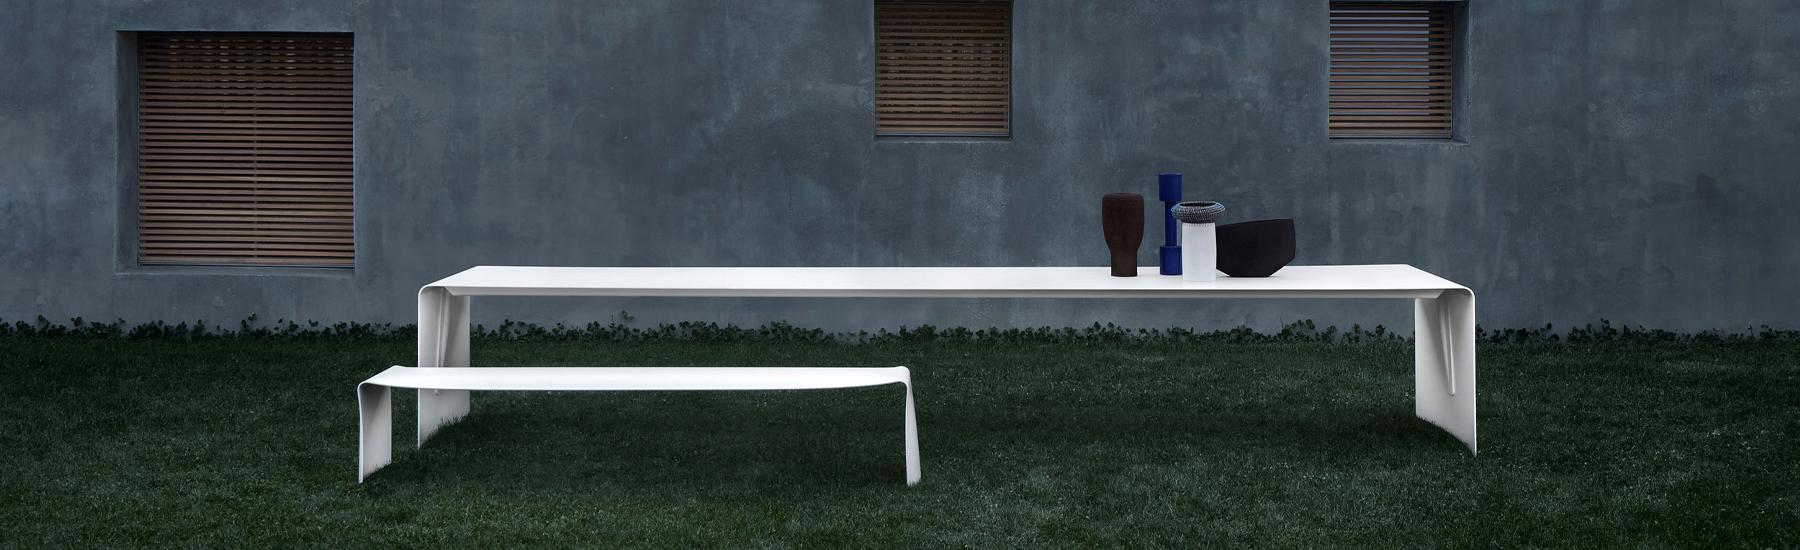 La Grande Outdoor Table